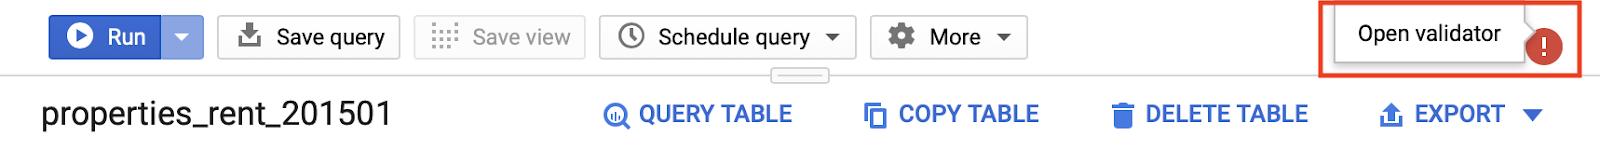 problema di convalida della query in bigquery.